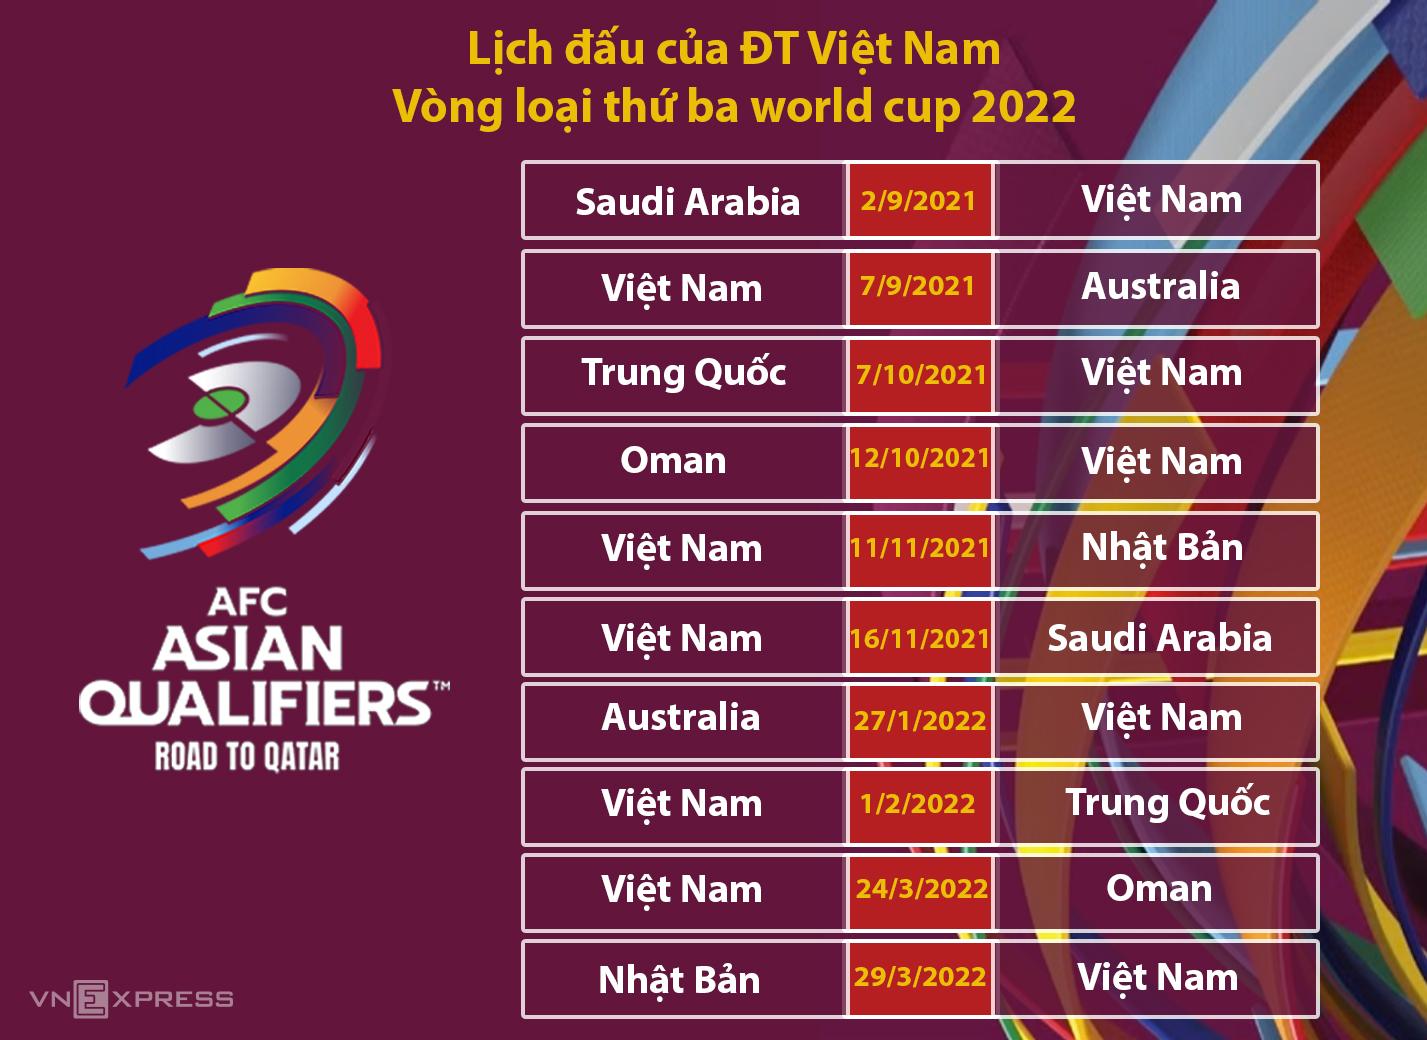 HLV Park: 'Đối thủ càng mạnh, tinh thần Việt Nam càng cao'-baccarat game-baccarat game download-rich888